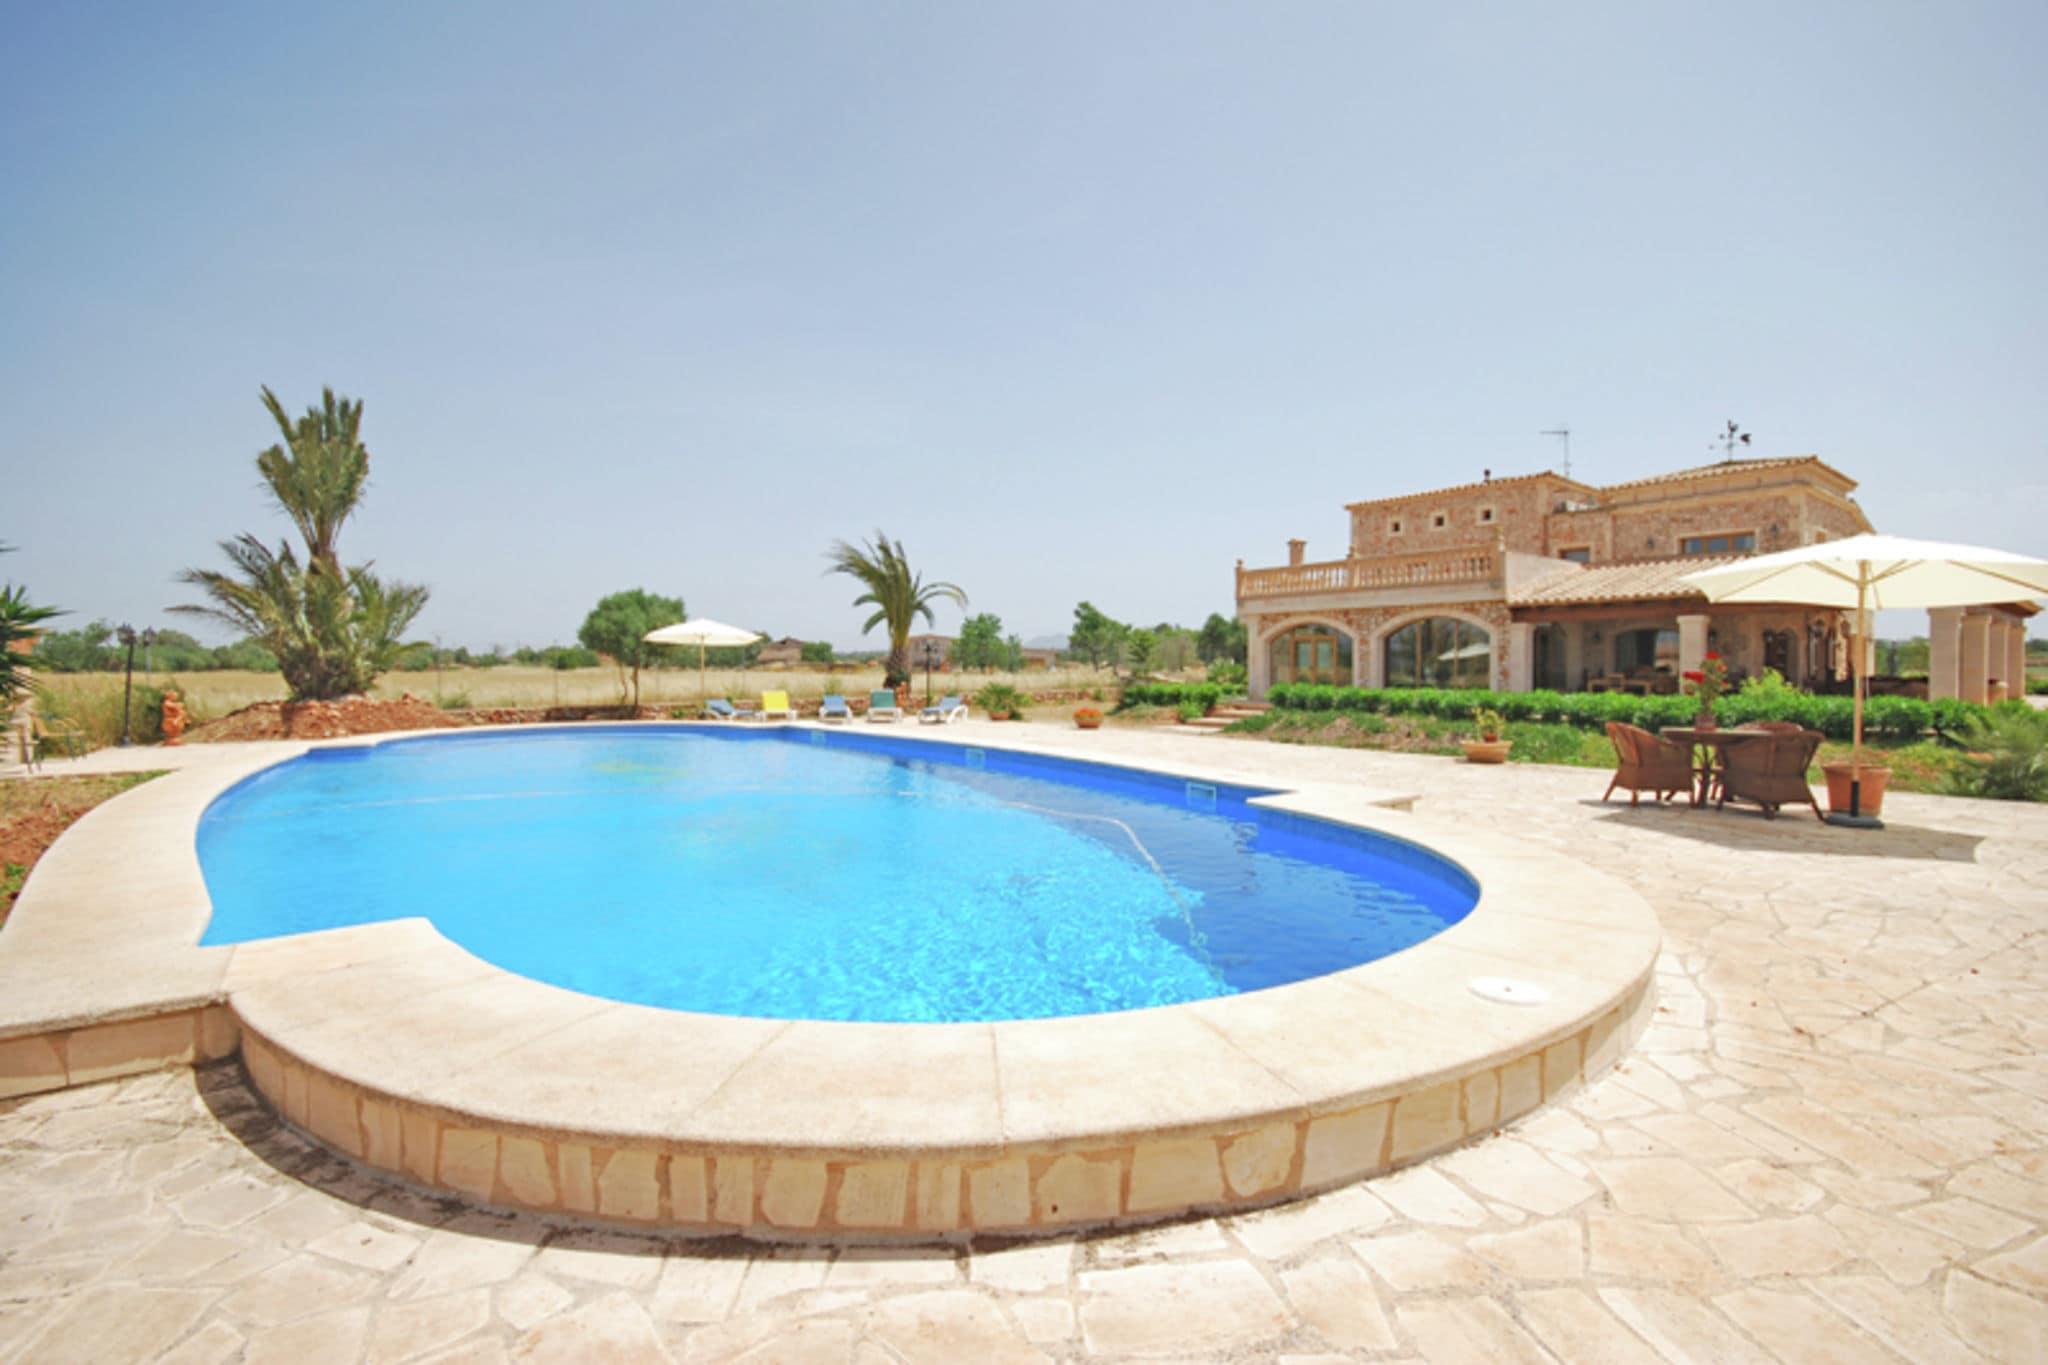 Ruim landhuis met prive zwembad met uitzicht op het platteland